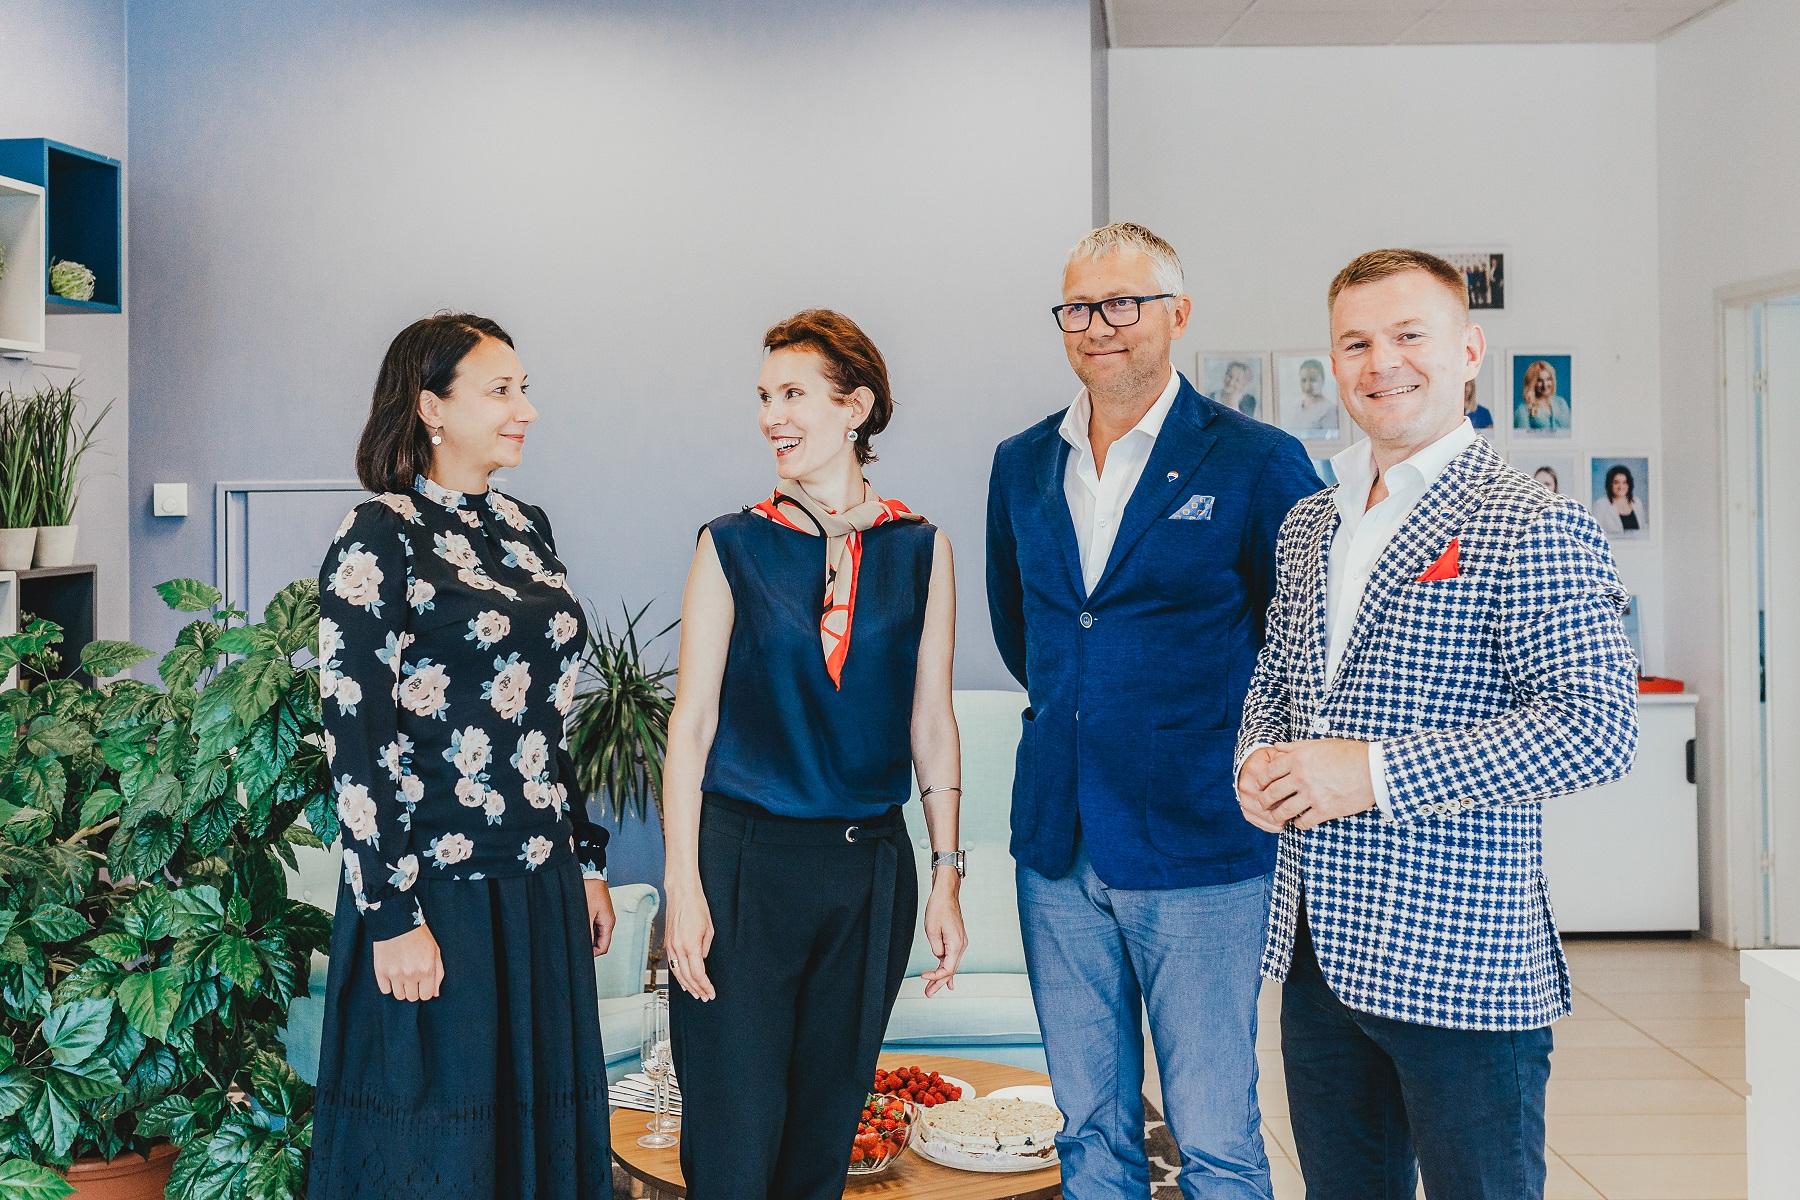 RE/MAX Aaba kinnisvara juhatuse liikmed Eneken Tikk ja Kristin Kurs ning RE/MAX Estonia regiooni juhid Aivar Vilbo ja Heiti Karafin. Foto: Evelin Lumi